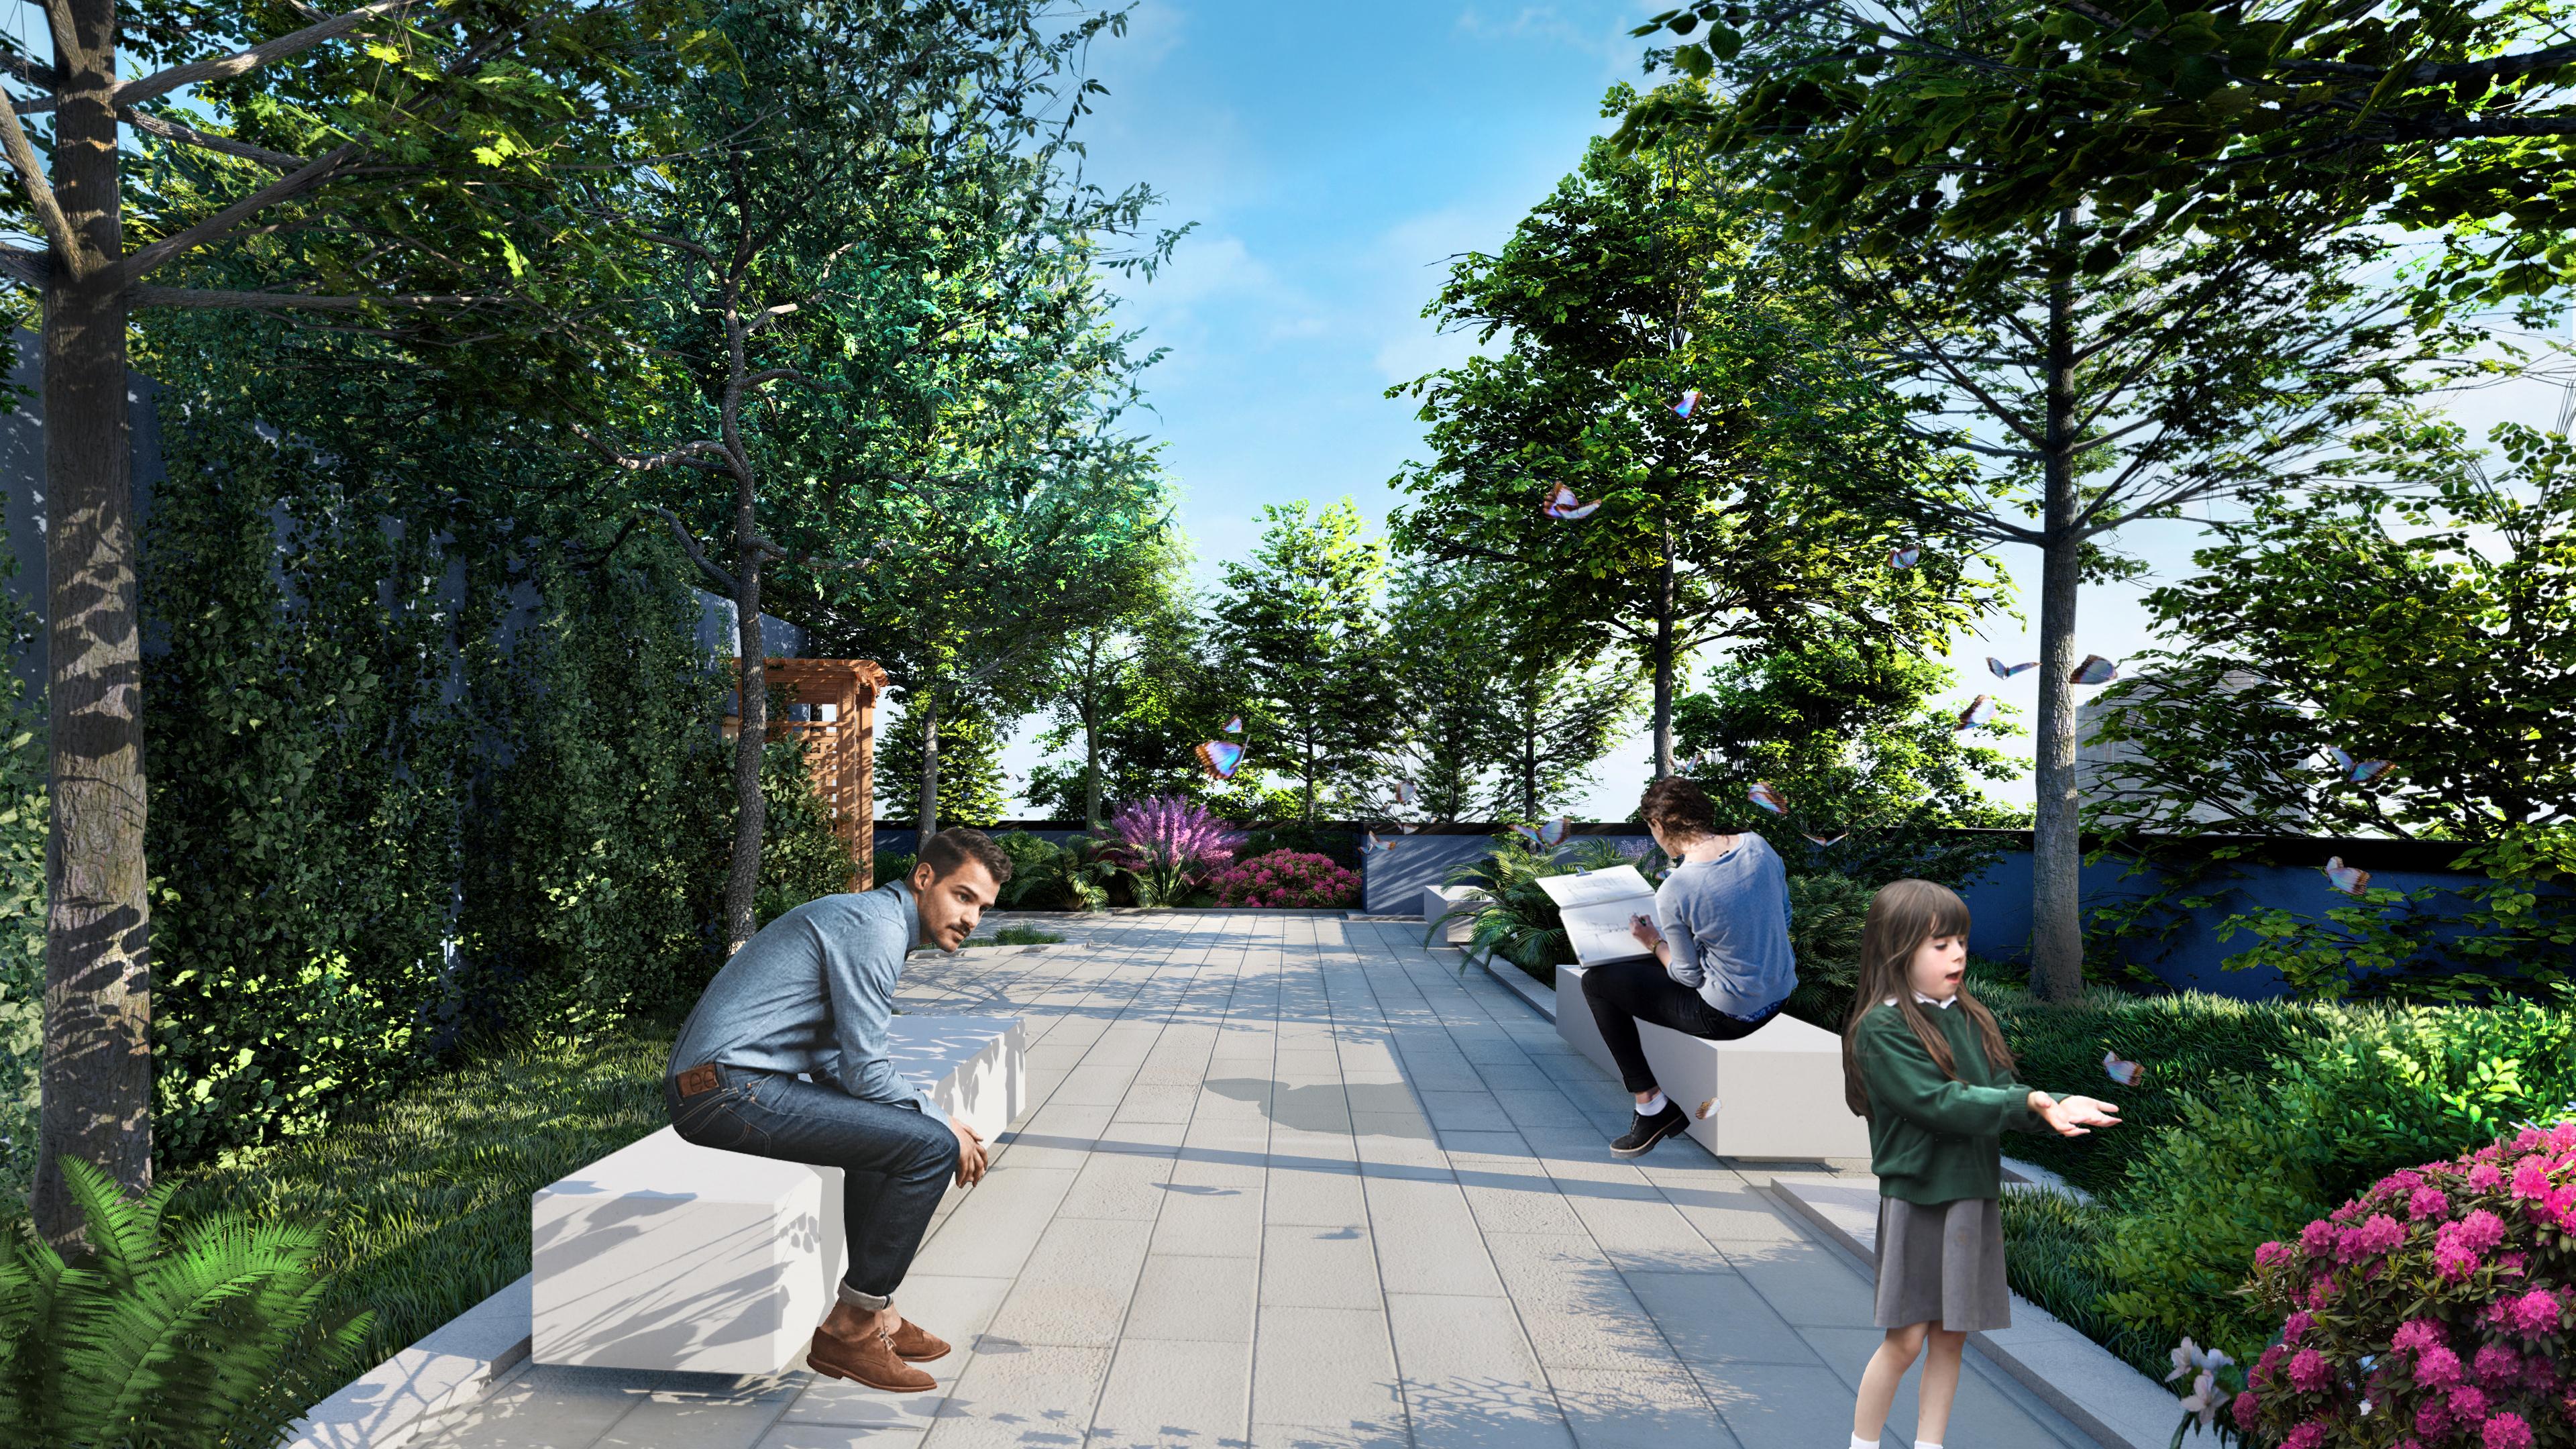 Pădurile verticale, viitorul arhitecturii urbane şi prietenul sănătăţii mentale. Investeşte într-o astfel de locuinţă la Cluj-Napoca